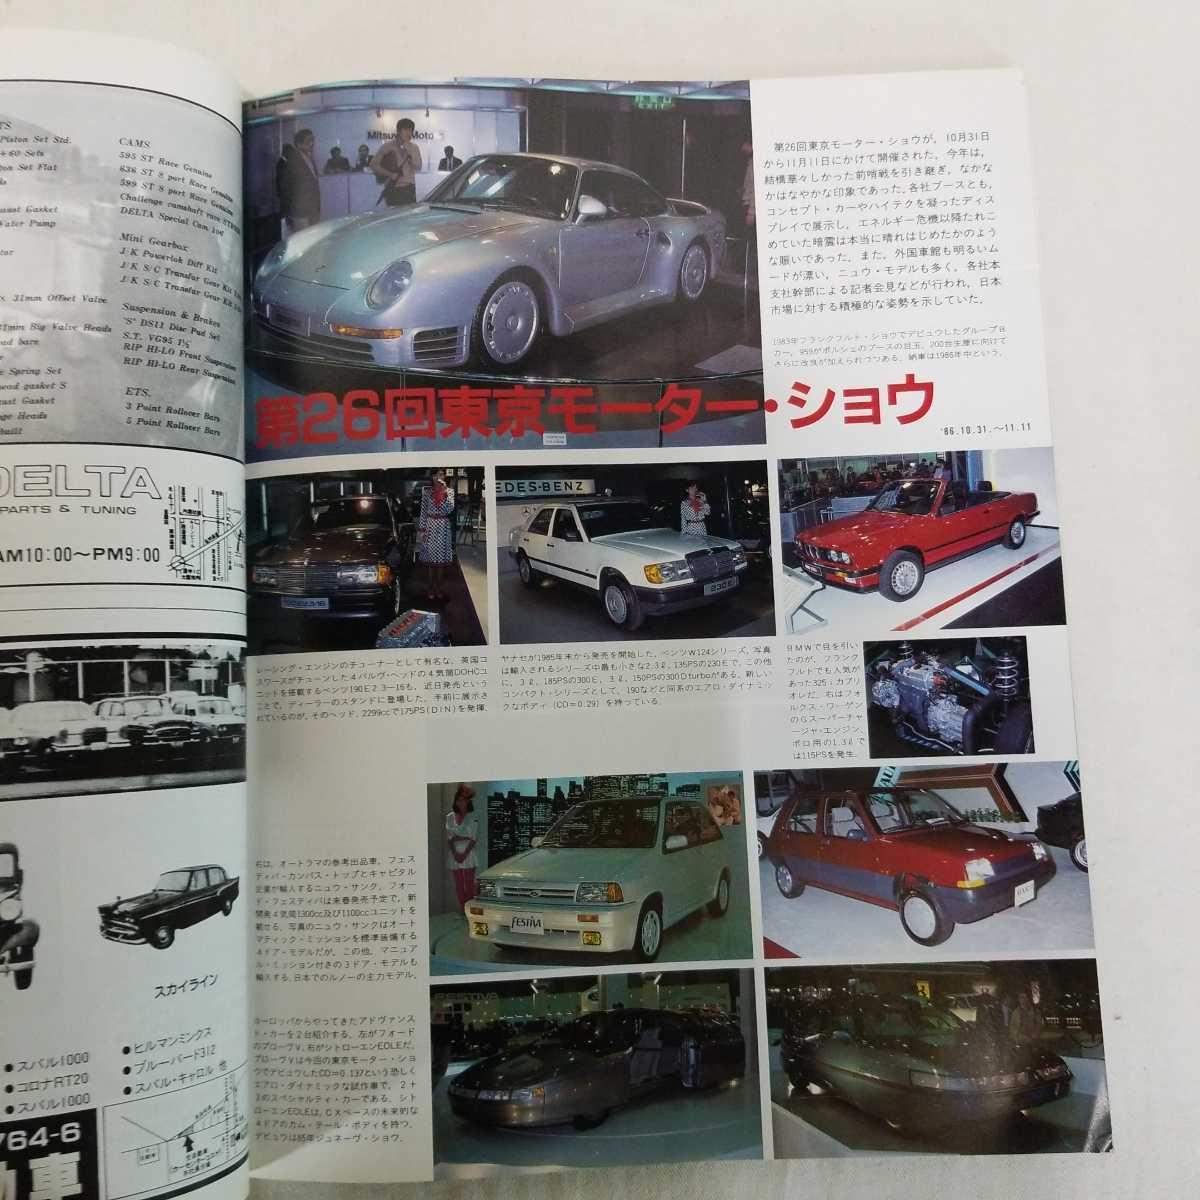 スクランブル・カー・マガジン SCRAMBLE CAR MAGAZINE 71 1986年1月号 ポルシェ ジャガー ヴィンテージ フェラーリ ベンツ_画像6